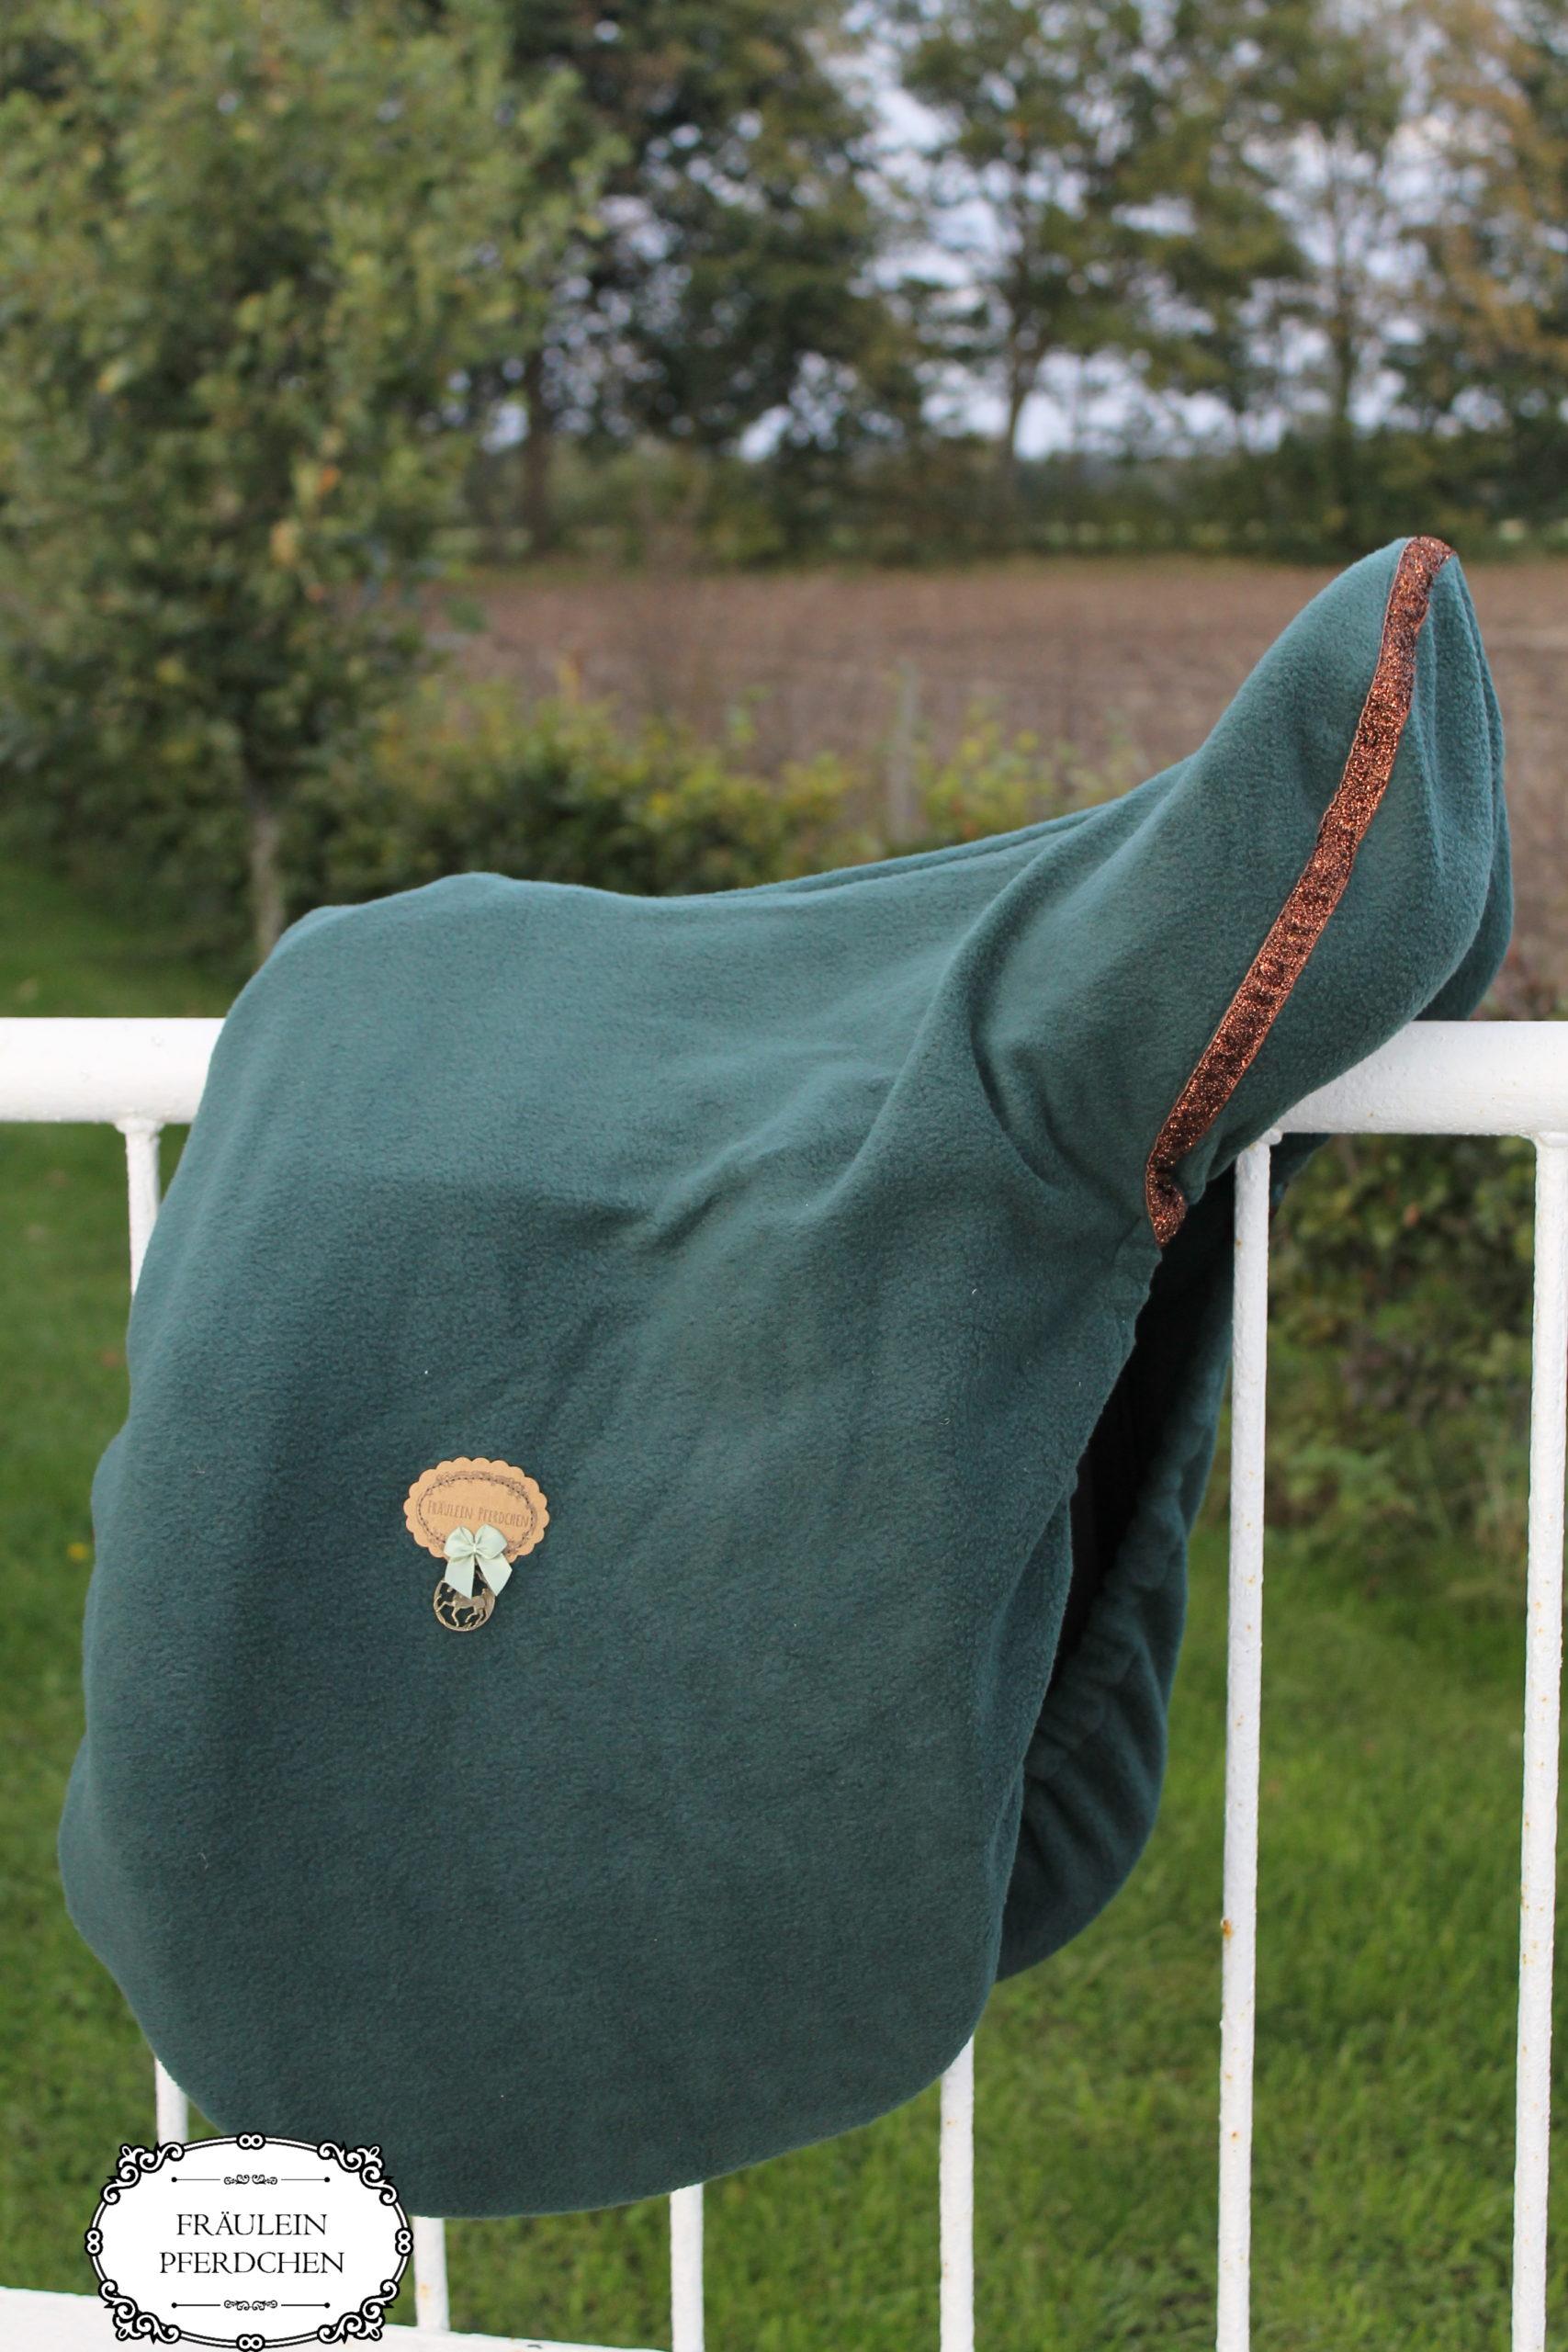 Sattelschoner aus Fleece – 100% mit Liebe handgemacht